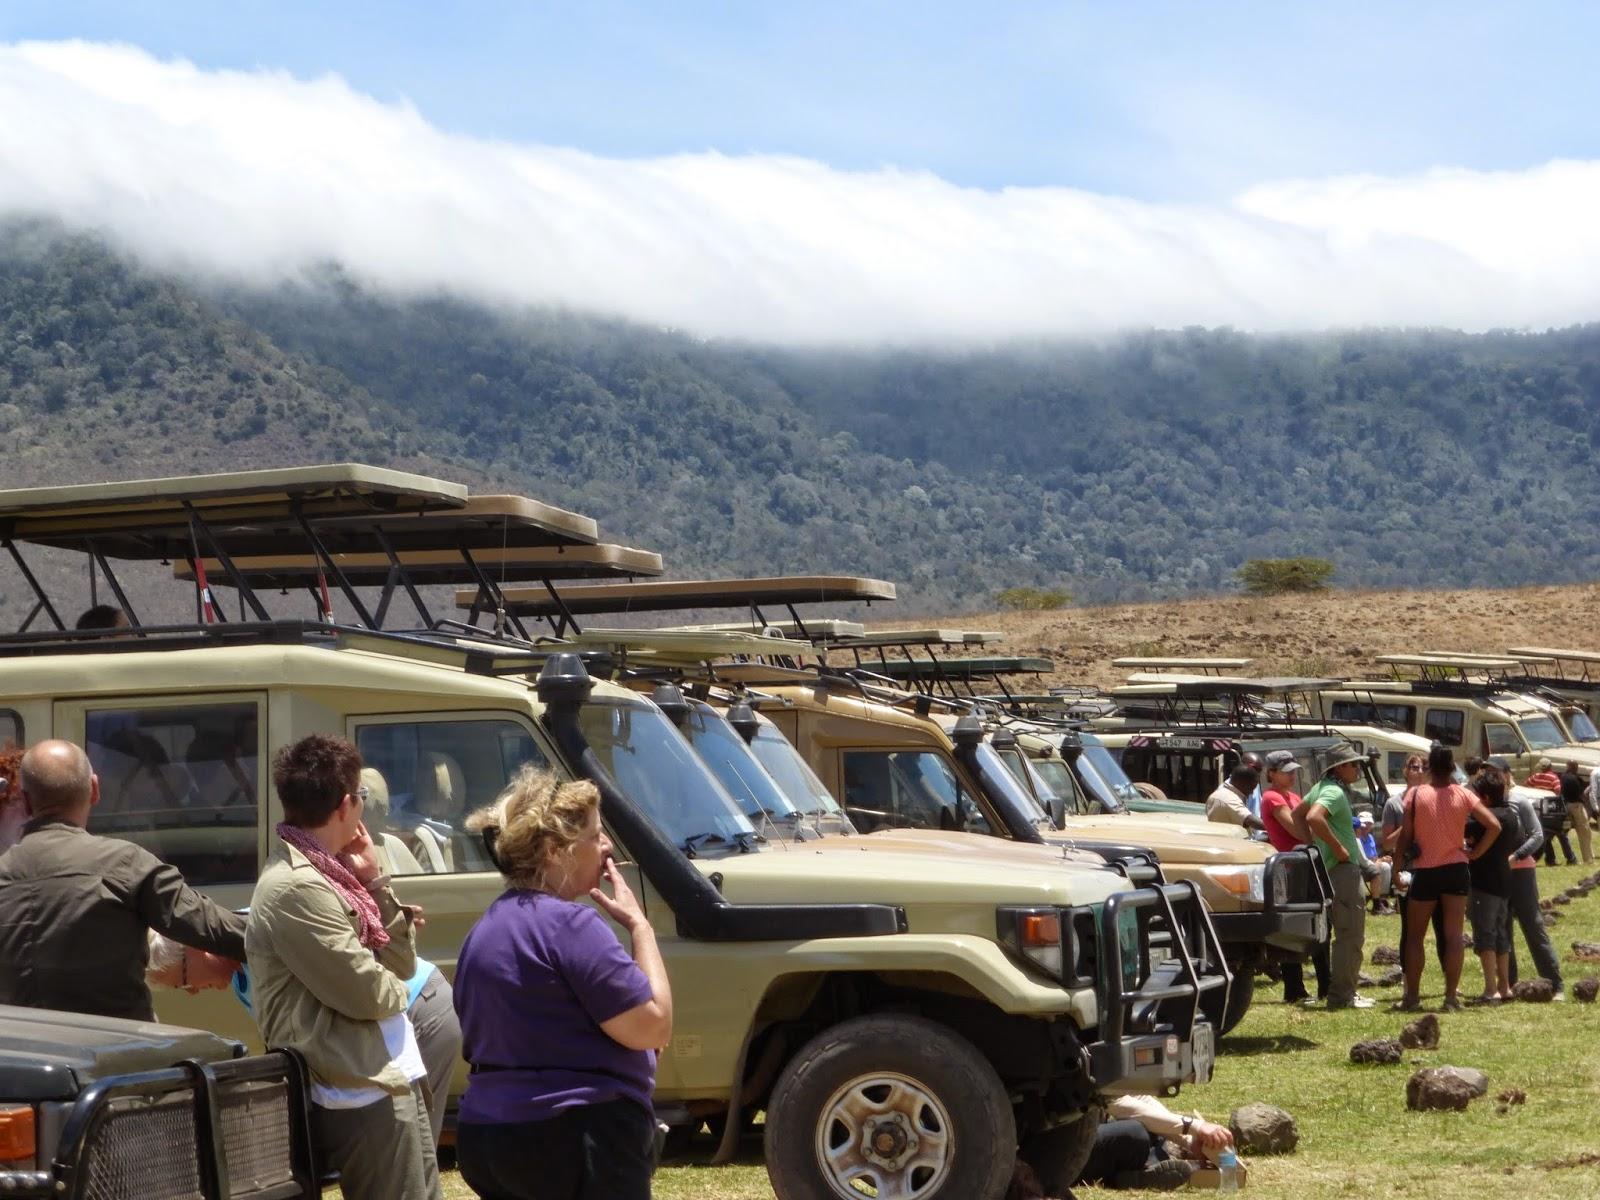 Safari companies in Tanzania